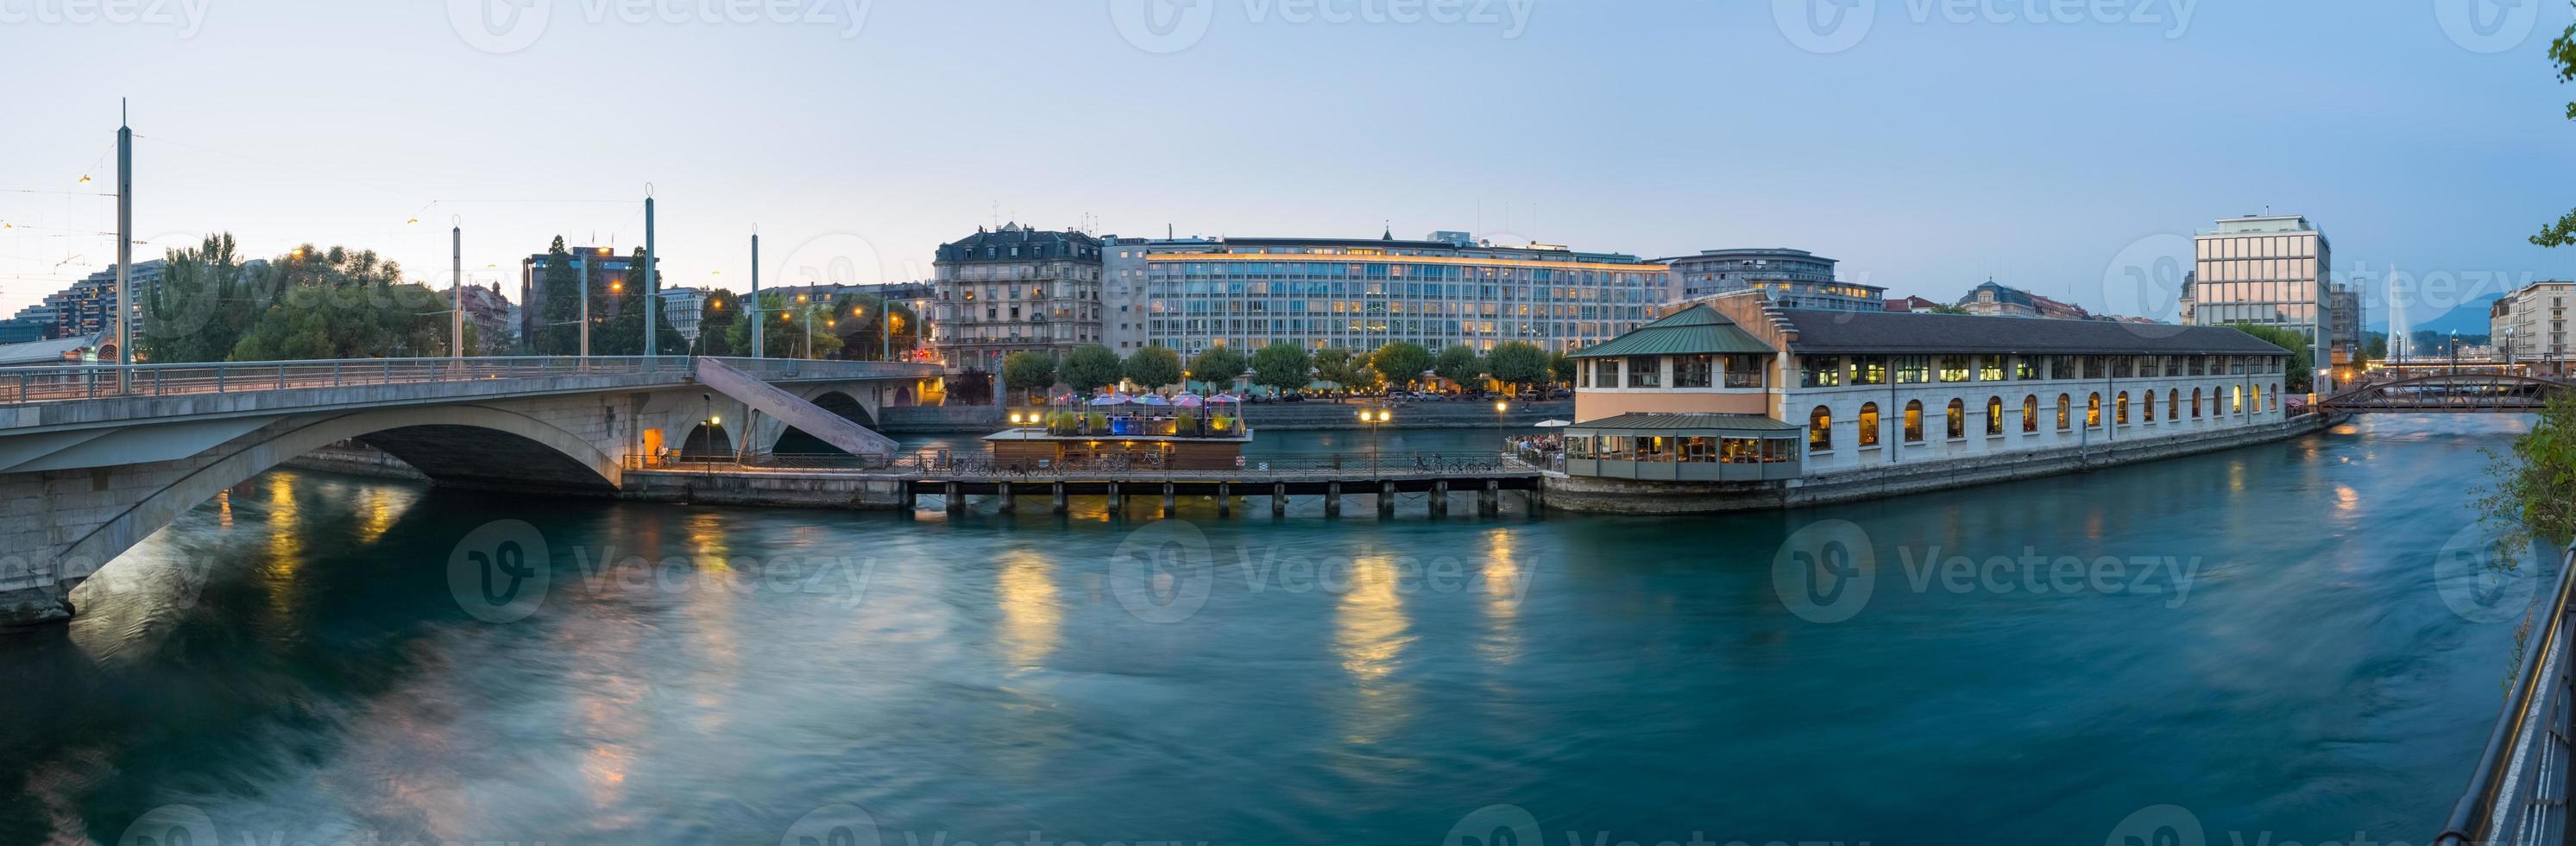 Geneva panoramic photo